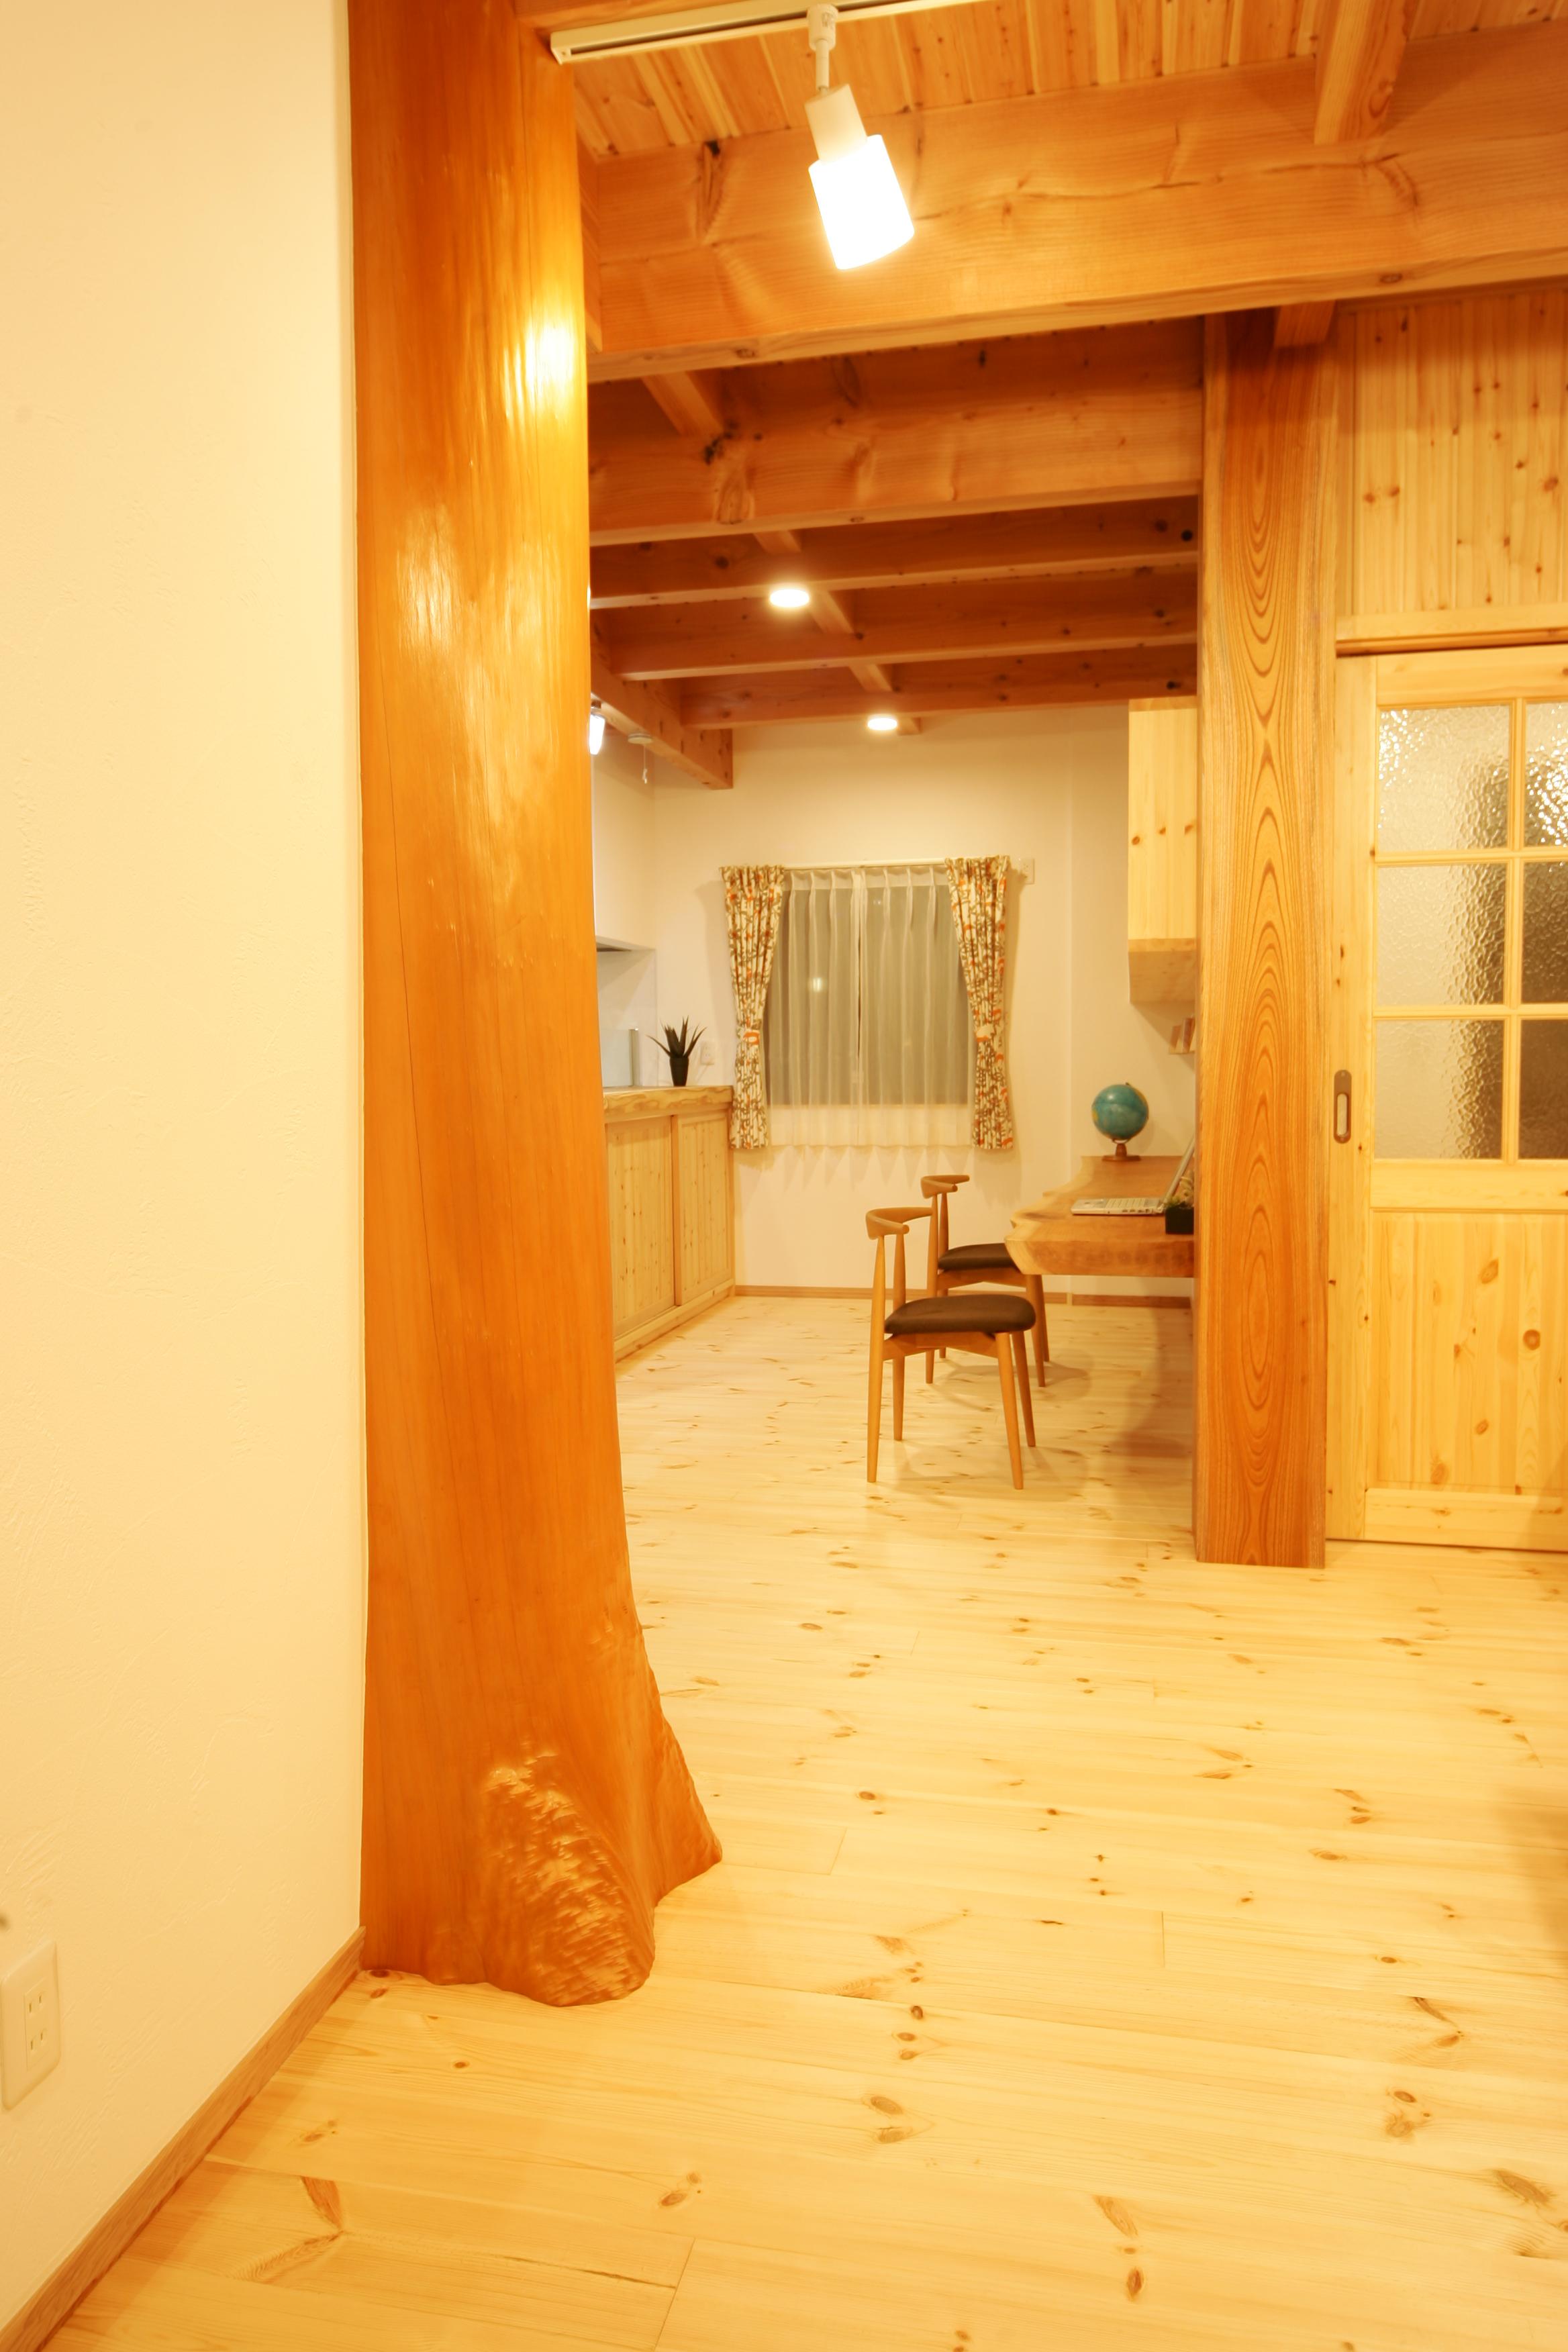 住まいるコーポレーション【子育て、収納力、自然素材】大黒柱やスタディカウンターには高級なケヤキ、恵比須柱には杉の丸太柱と、上質な木をふんだんに使用。家の中の雰囲気もワンランクアップ